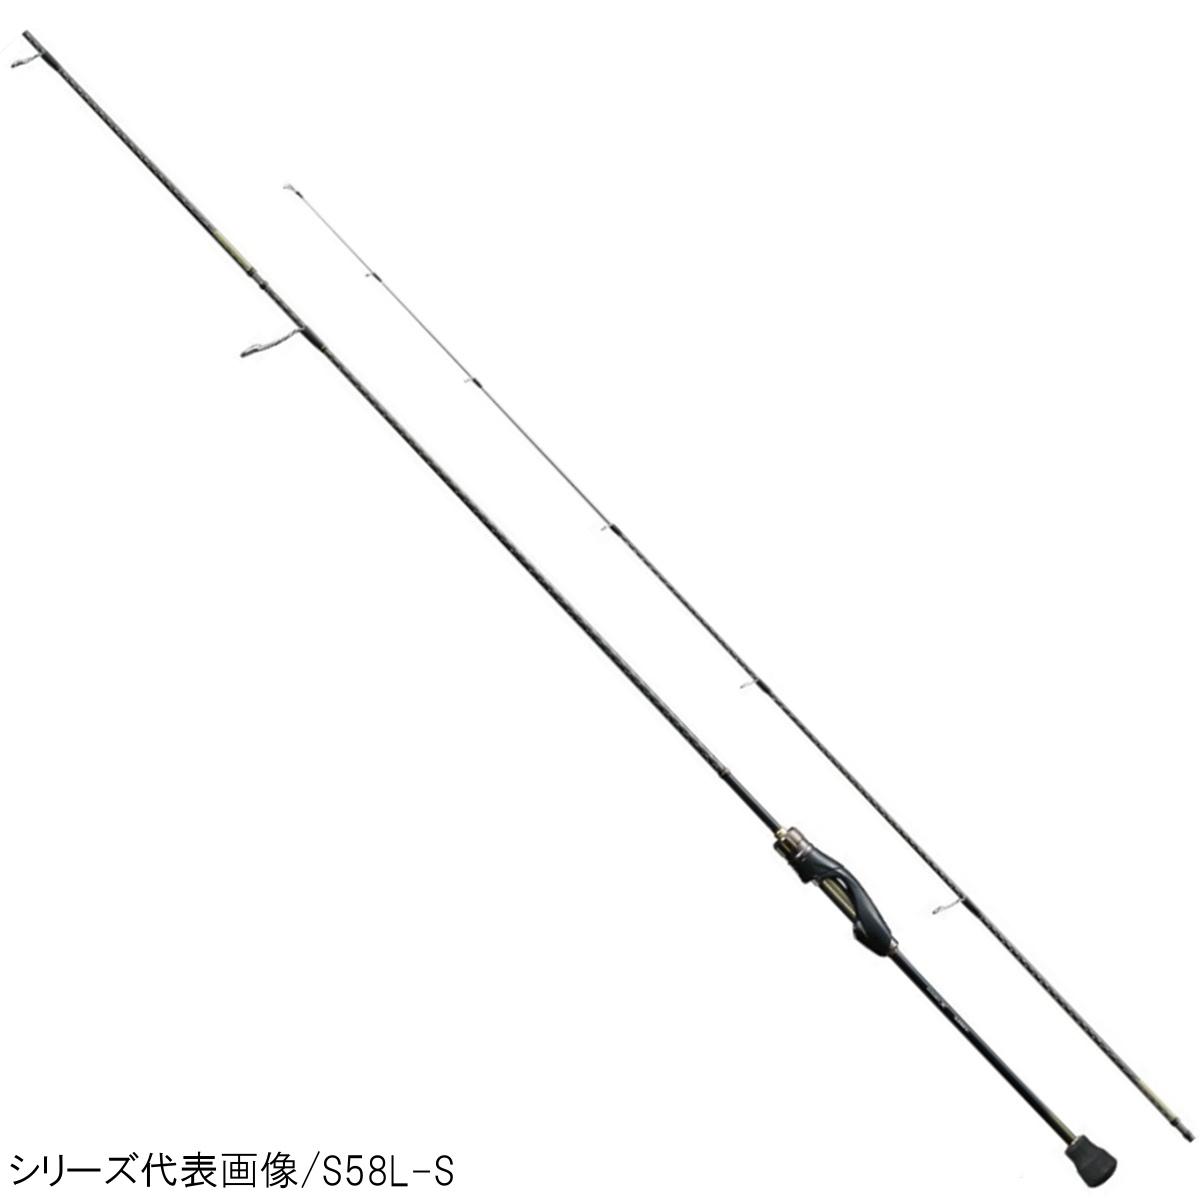 【8日最大8千円オフクーポン!】シマノ ソアレ SS アジング S64L-S(アジングロッド)